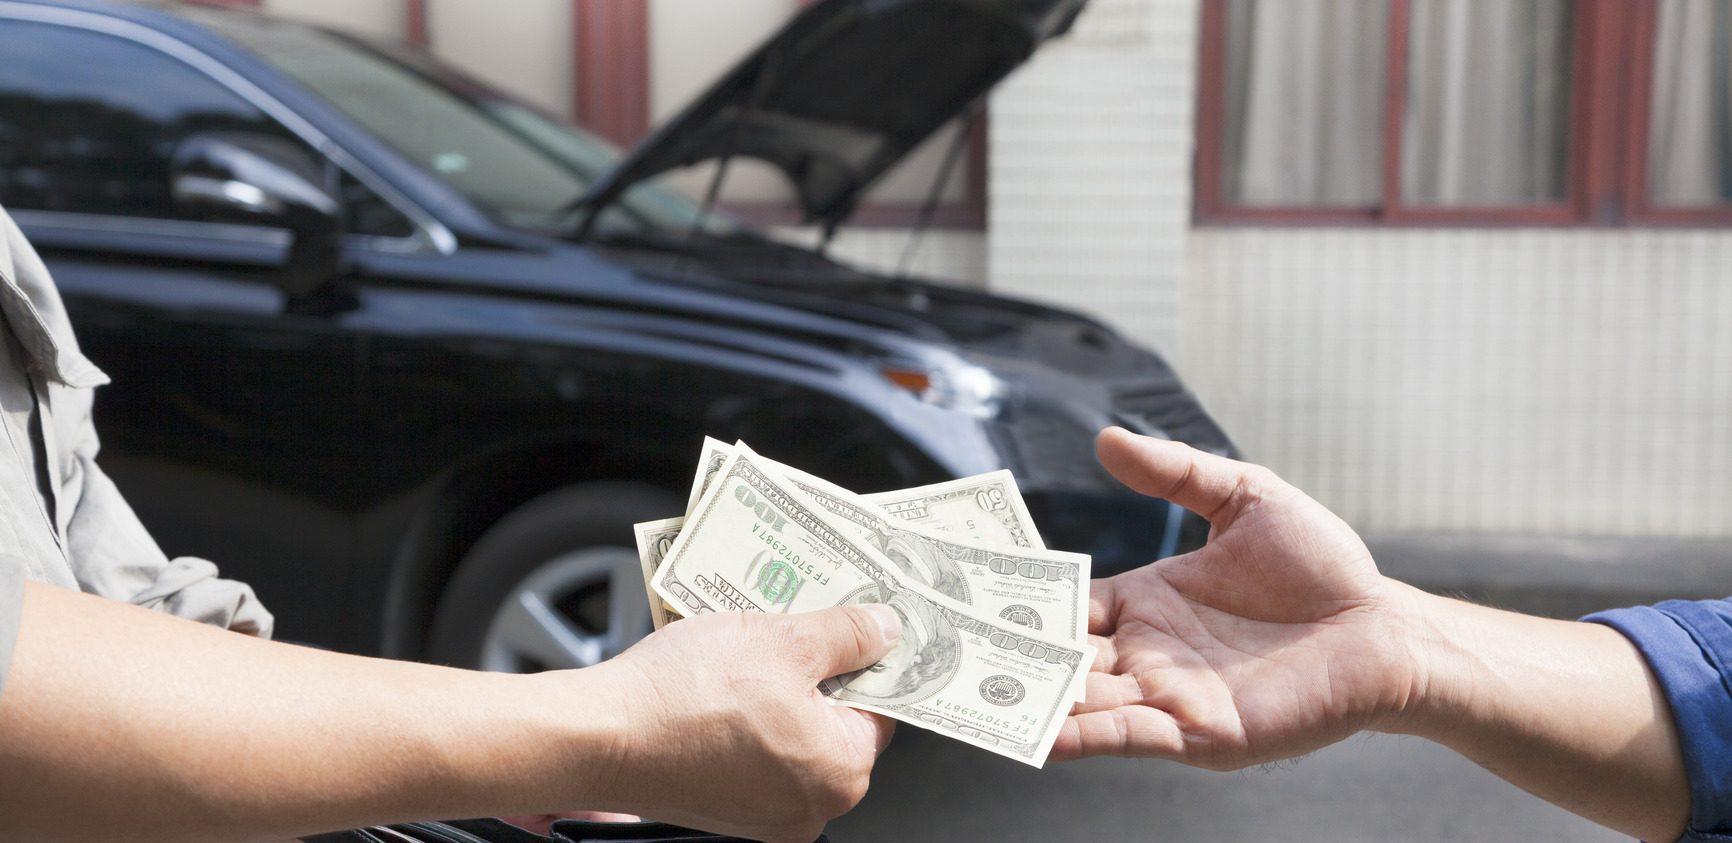 кредит наличными под залог птс спб как оформить ипотеку в сбербанке на квартиру без первоначального взноса сбербанк